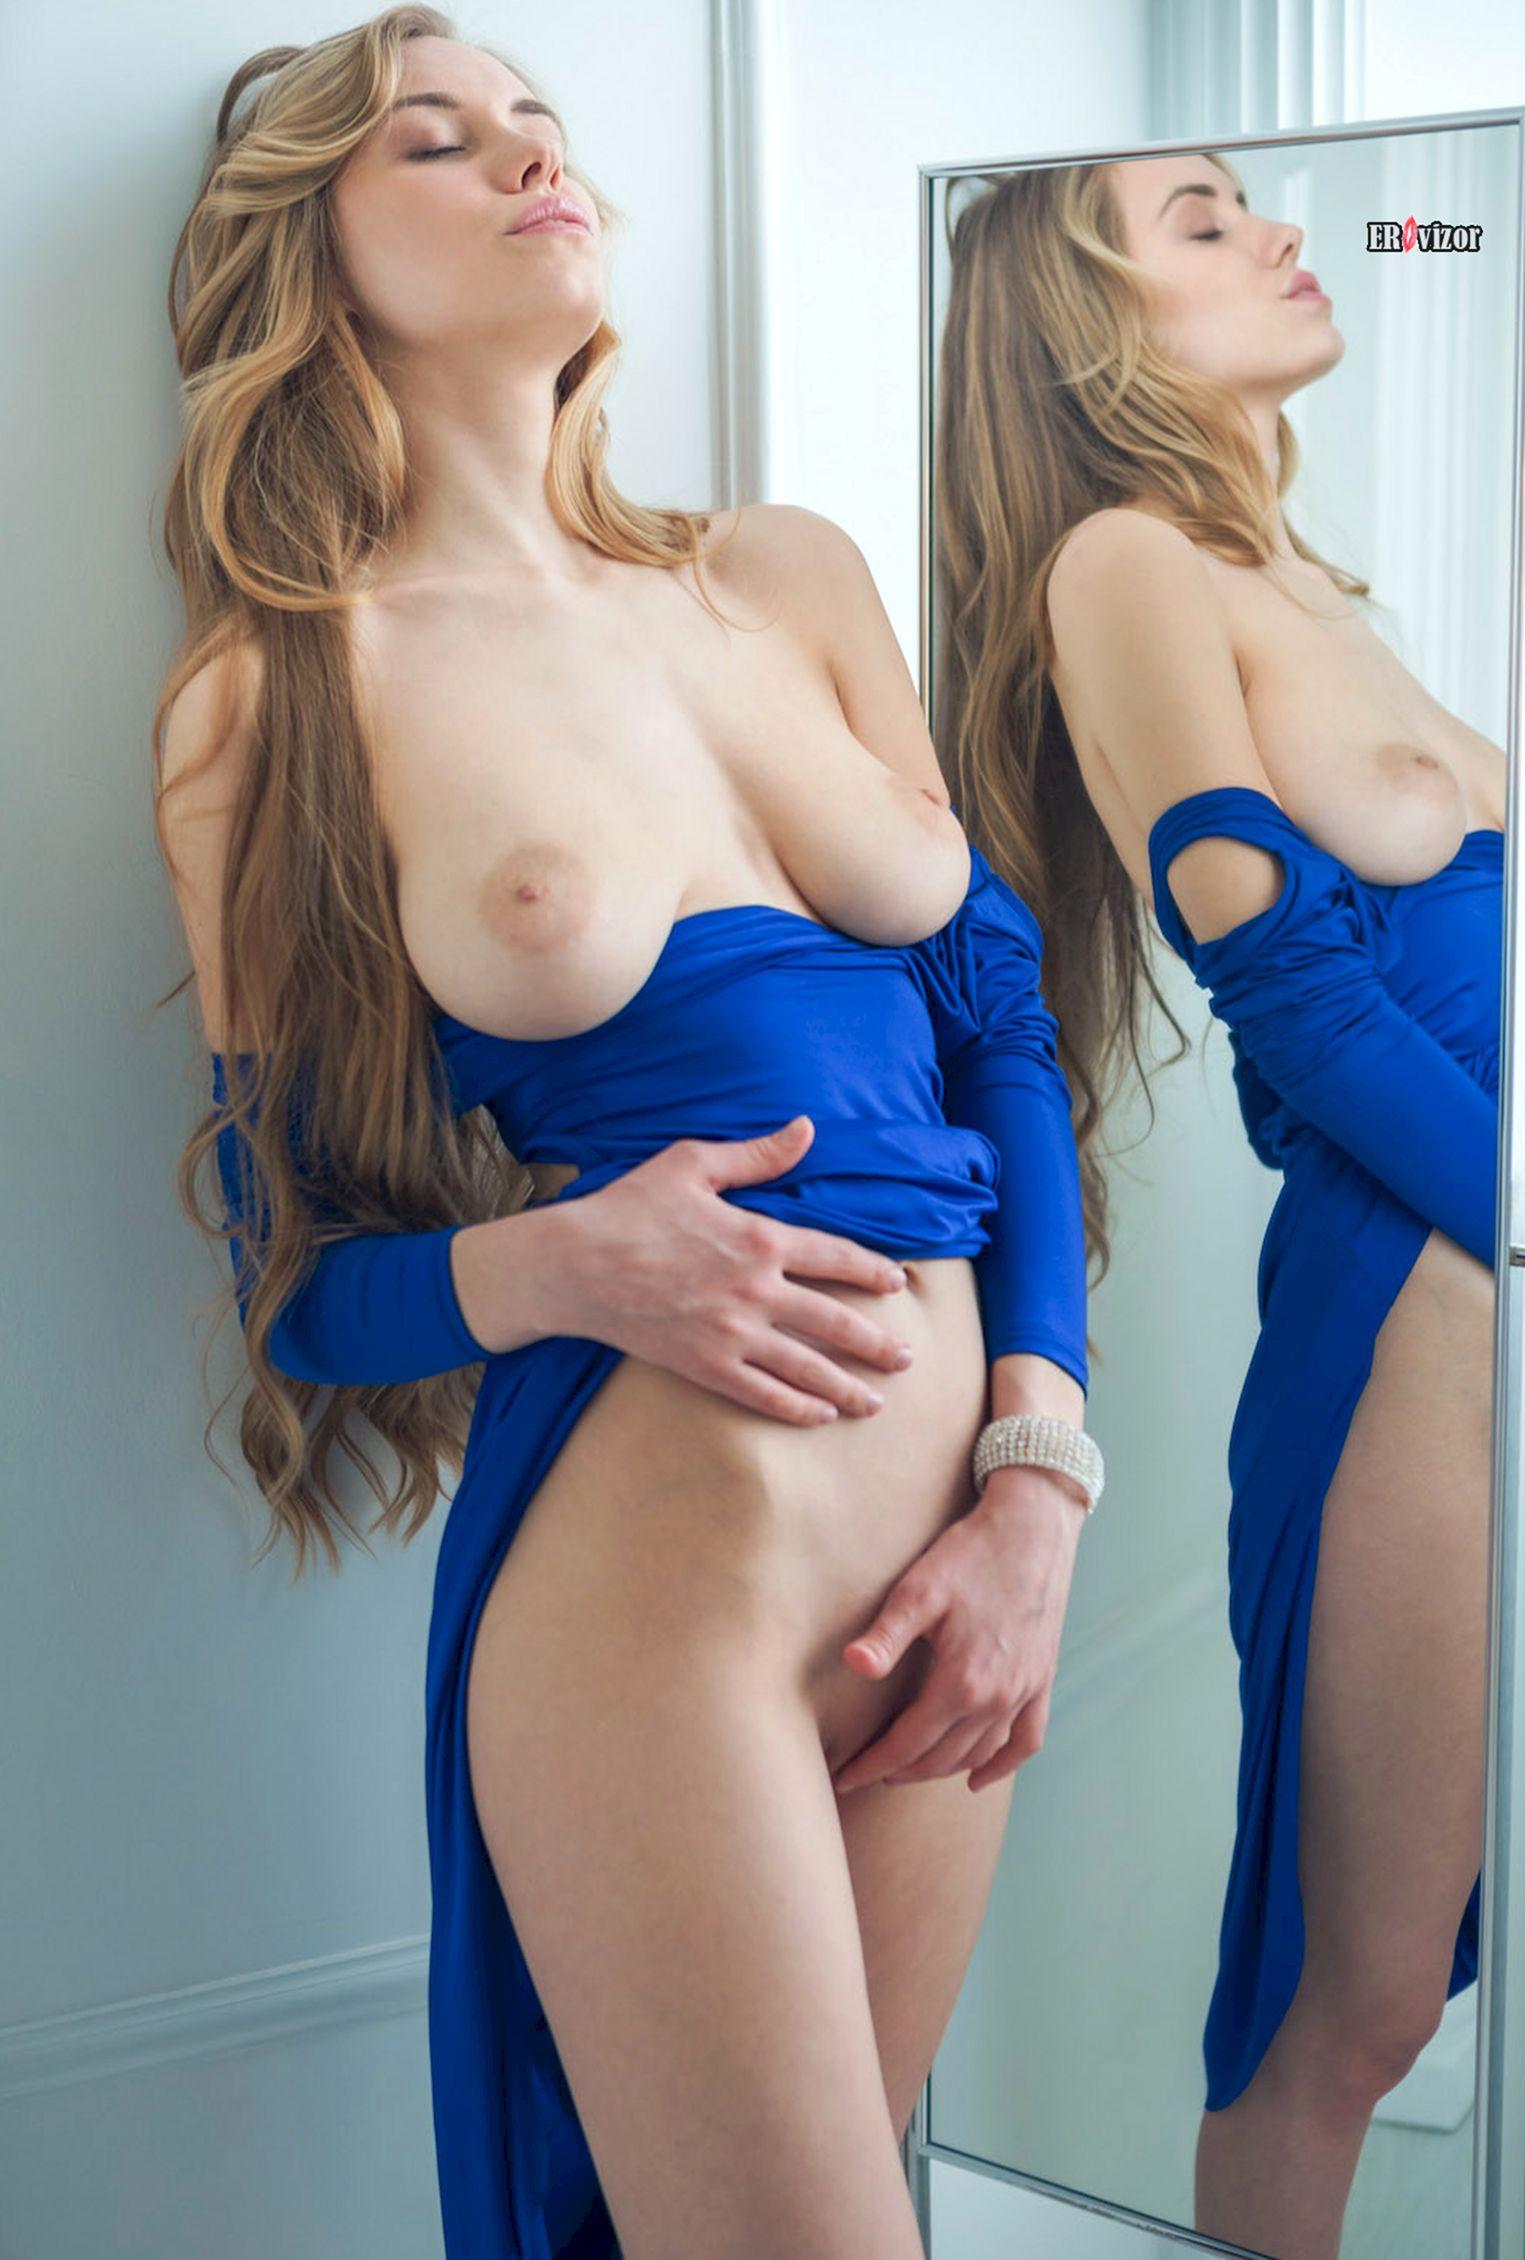 blondinka_pered_zerkalom_sexy_body (6)